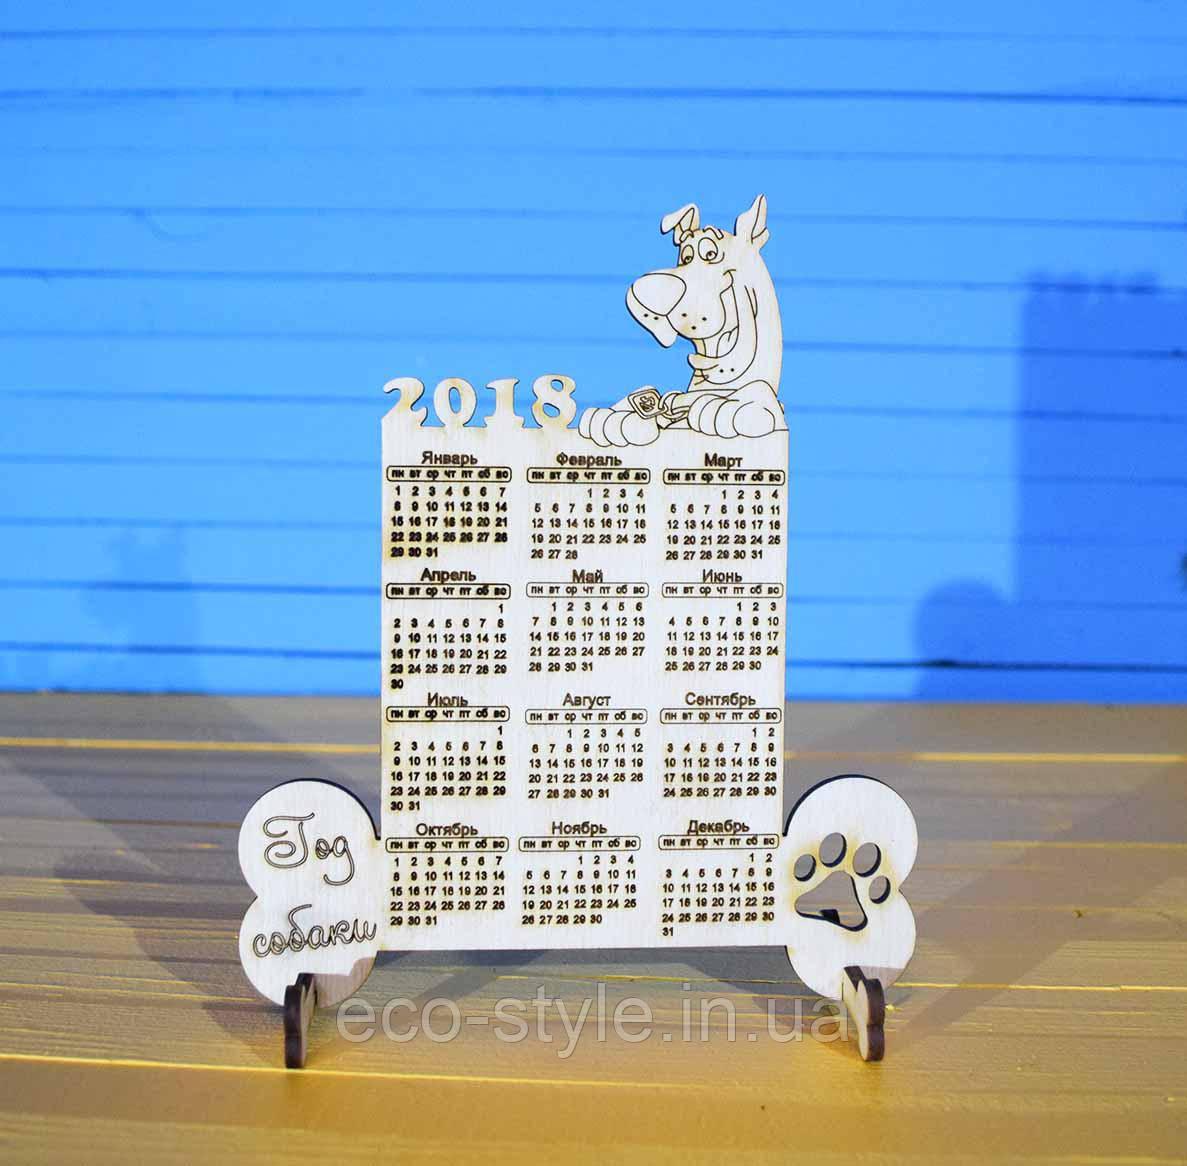 Настольный календарь, календарь 2018, корпоративный подарок на Новый год